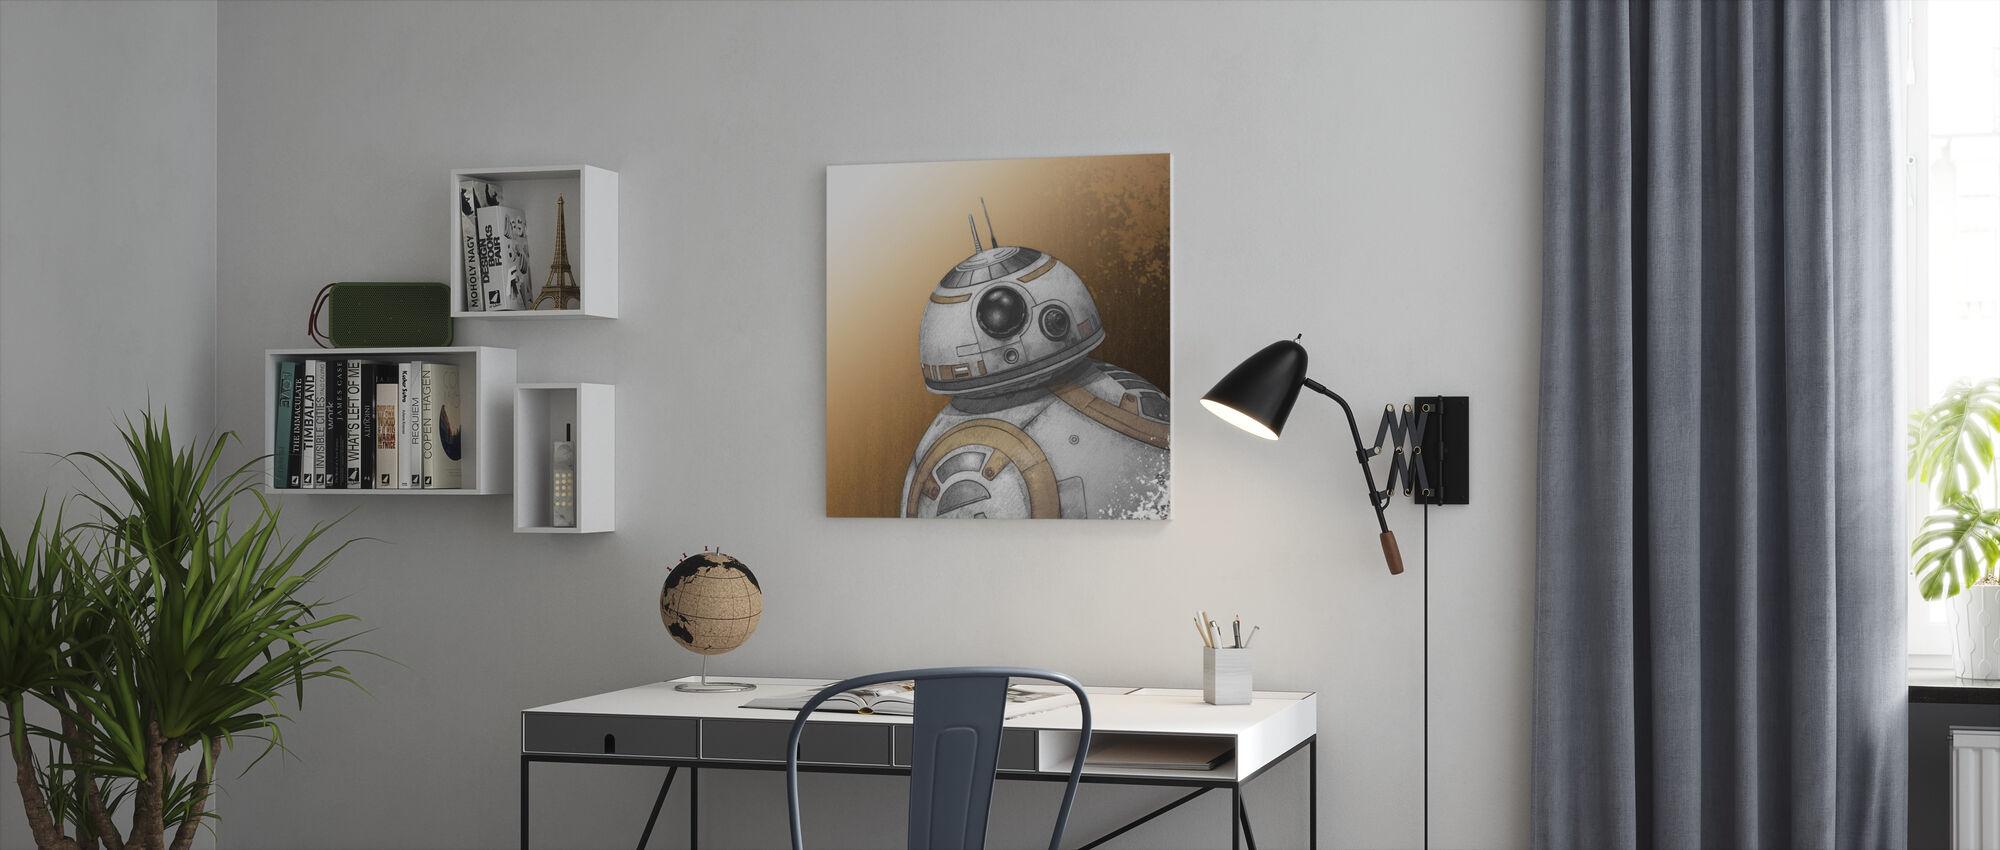 Star Wars - BB-8 - tegning - Lerretsbilde - Kontor